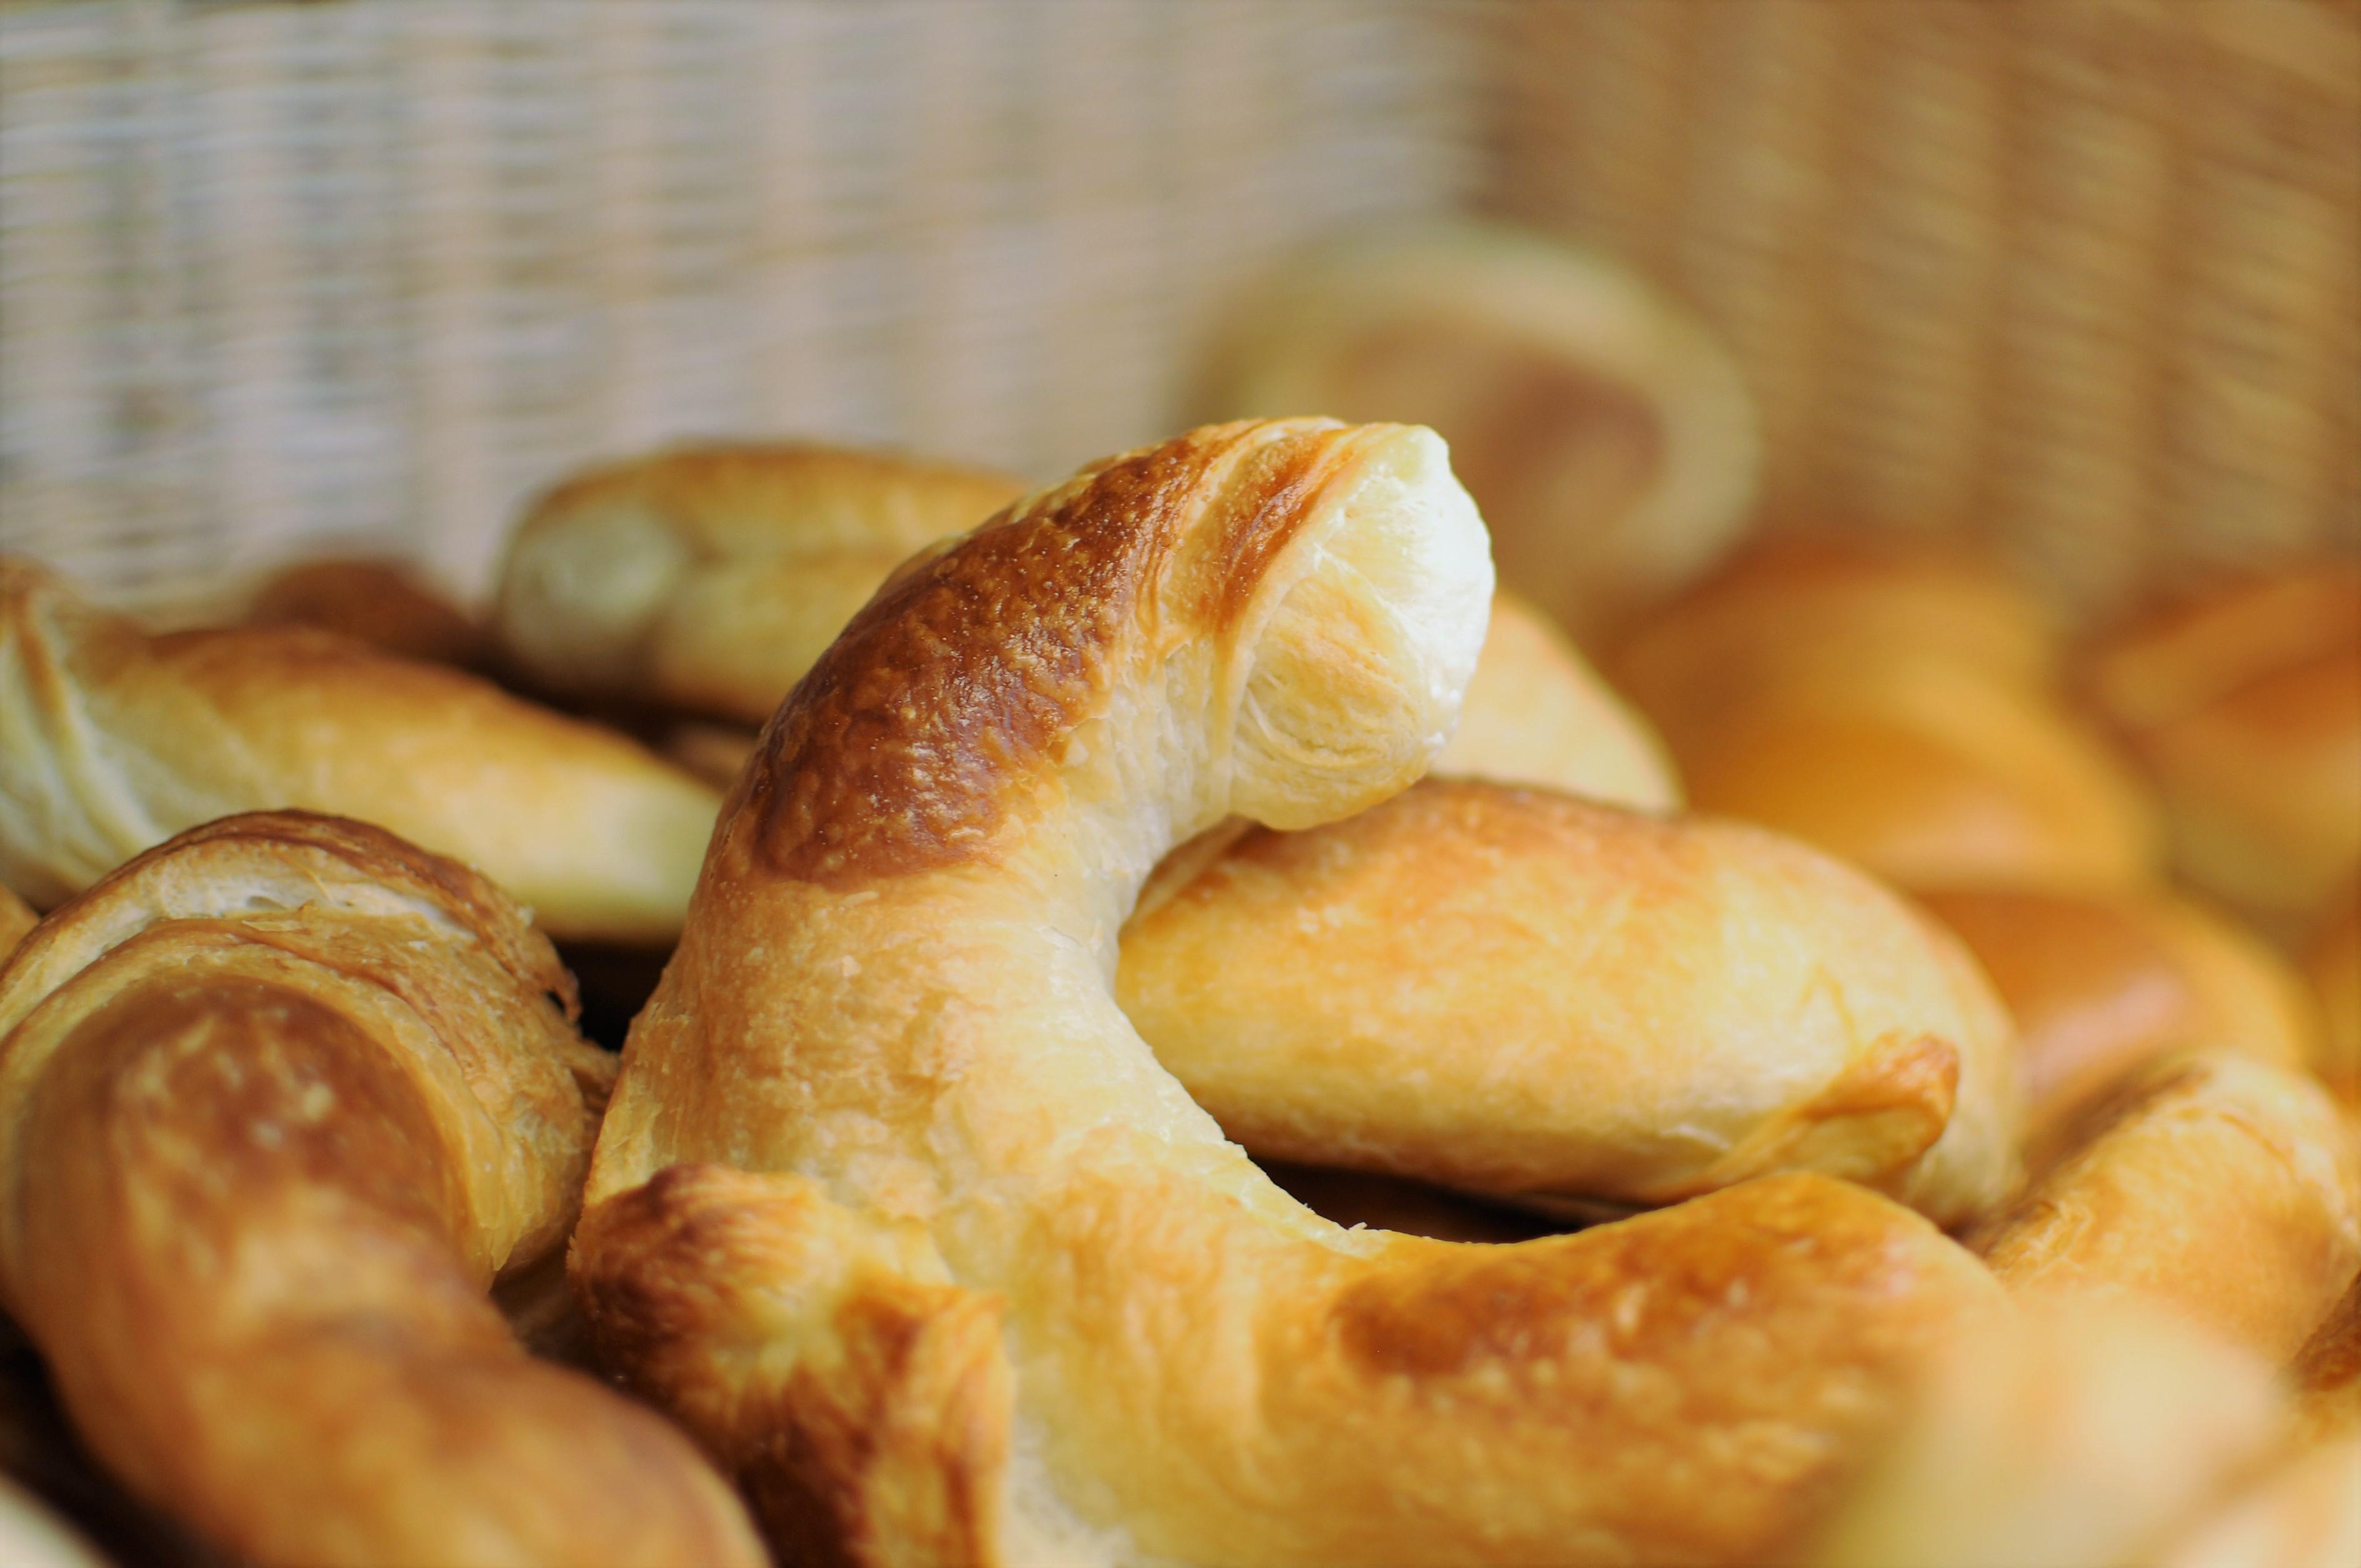 confiserie hedinger, aigle, monthey, chablais, vaudois, valais, produit, artisanal, boulanger, boulangerie, croissant, maison, tadition